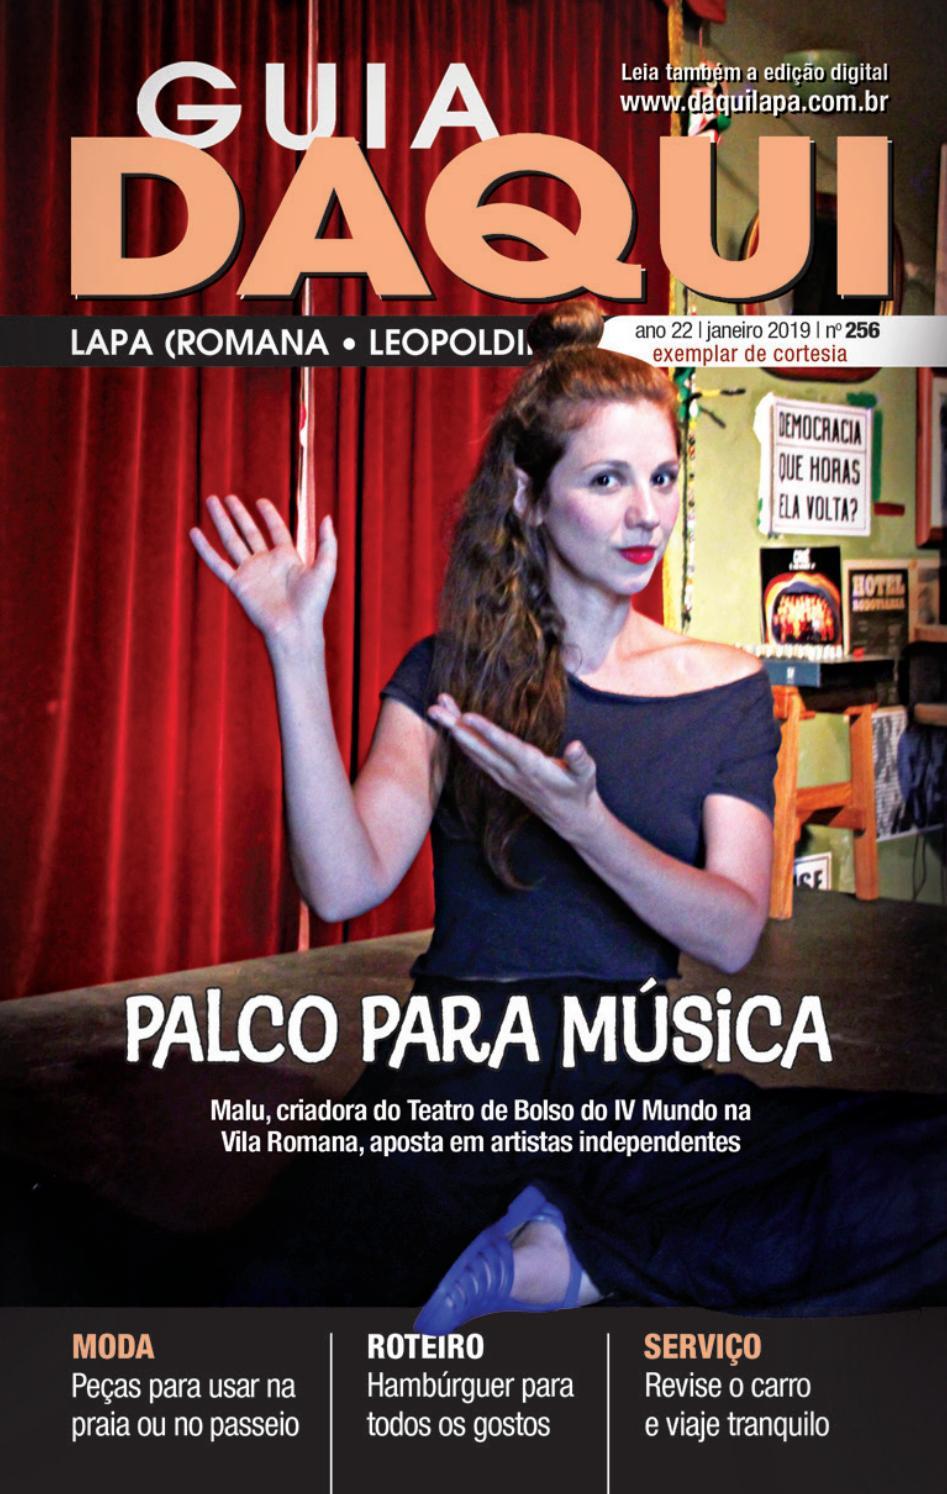 765ed776b Daqui Lapa - Edição 256 - Janeiro de 2019 by Página Editora e Jornalismo -  issuu